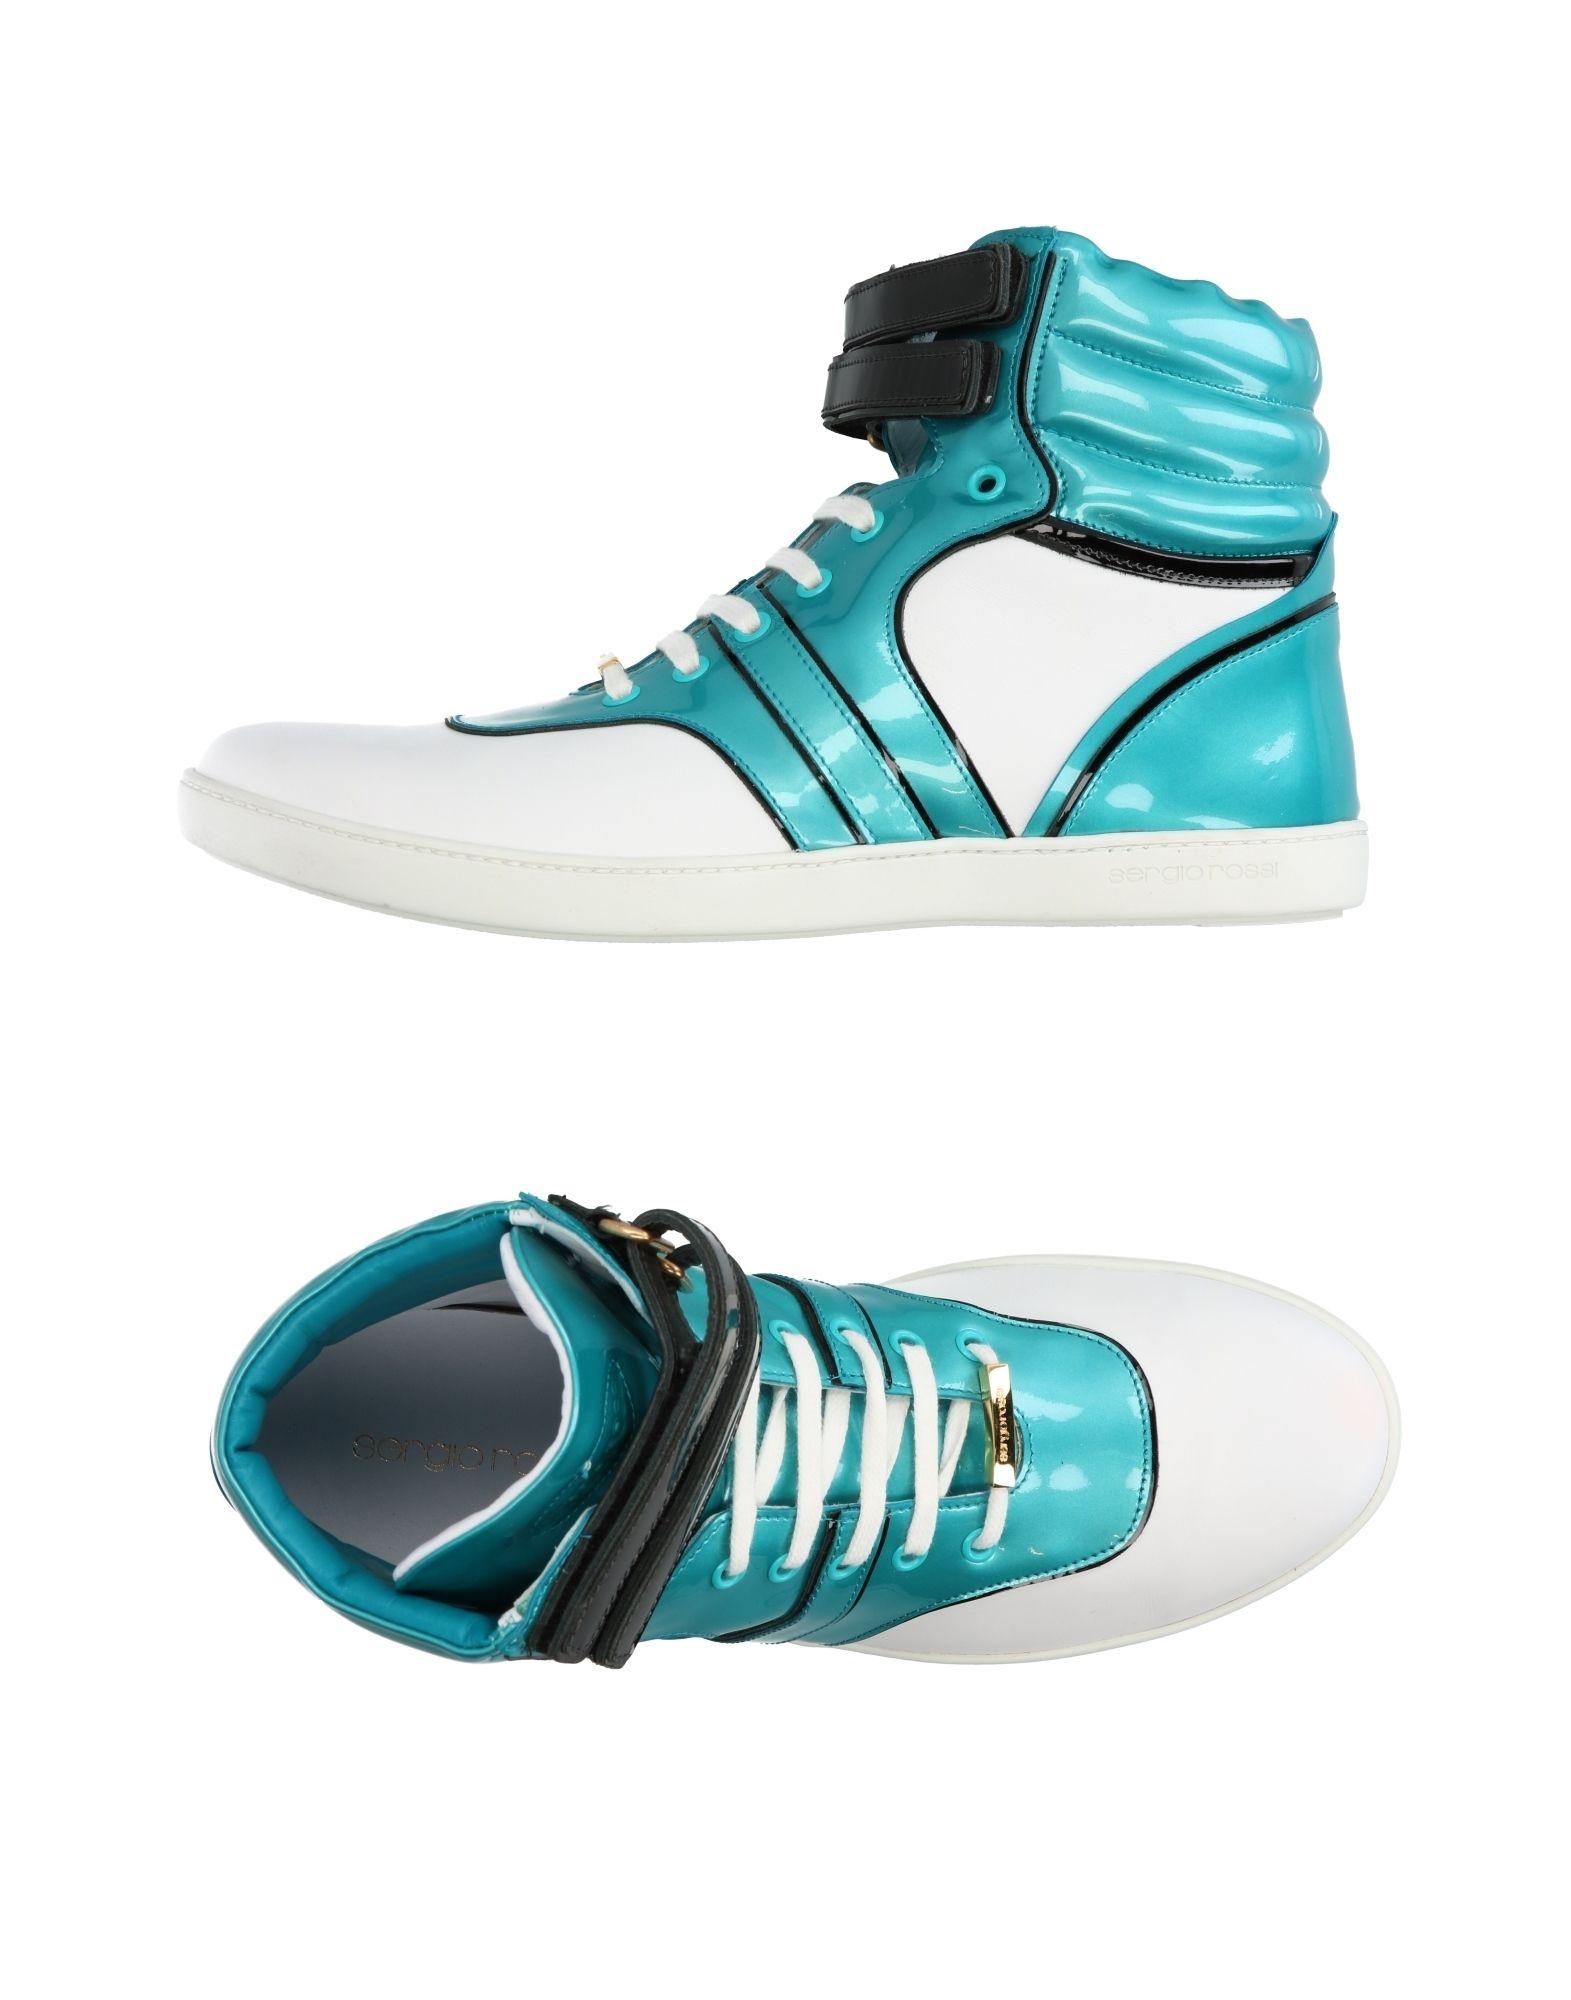 Sergio Rossi Neue Sneakers Herren  11284956EE Neue Rossi Schuhe 6a3228